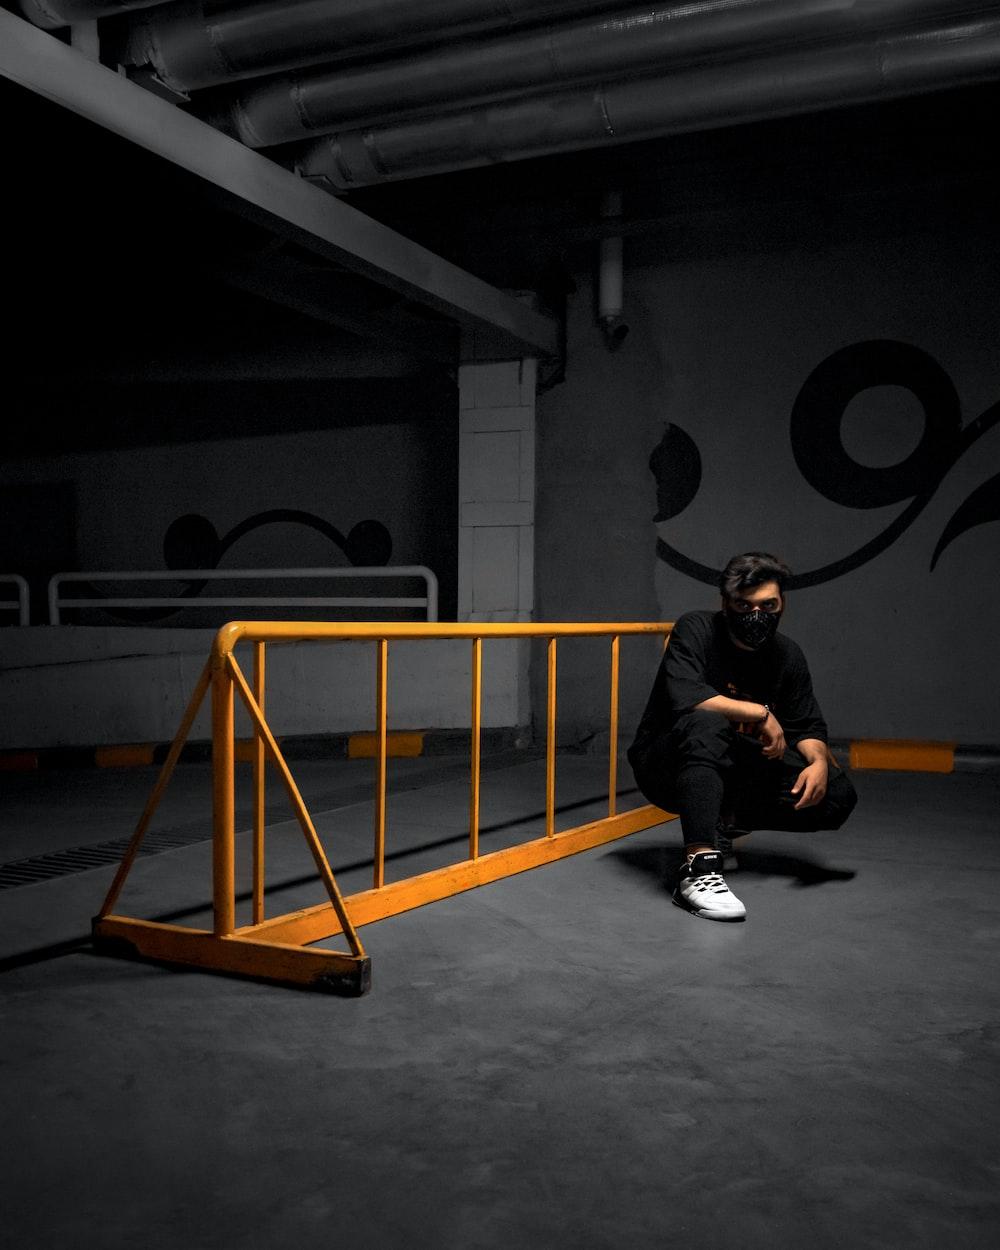 man in black jacket sitting on orange metal ladder